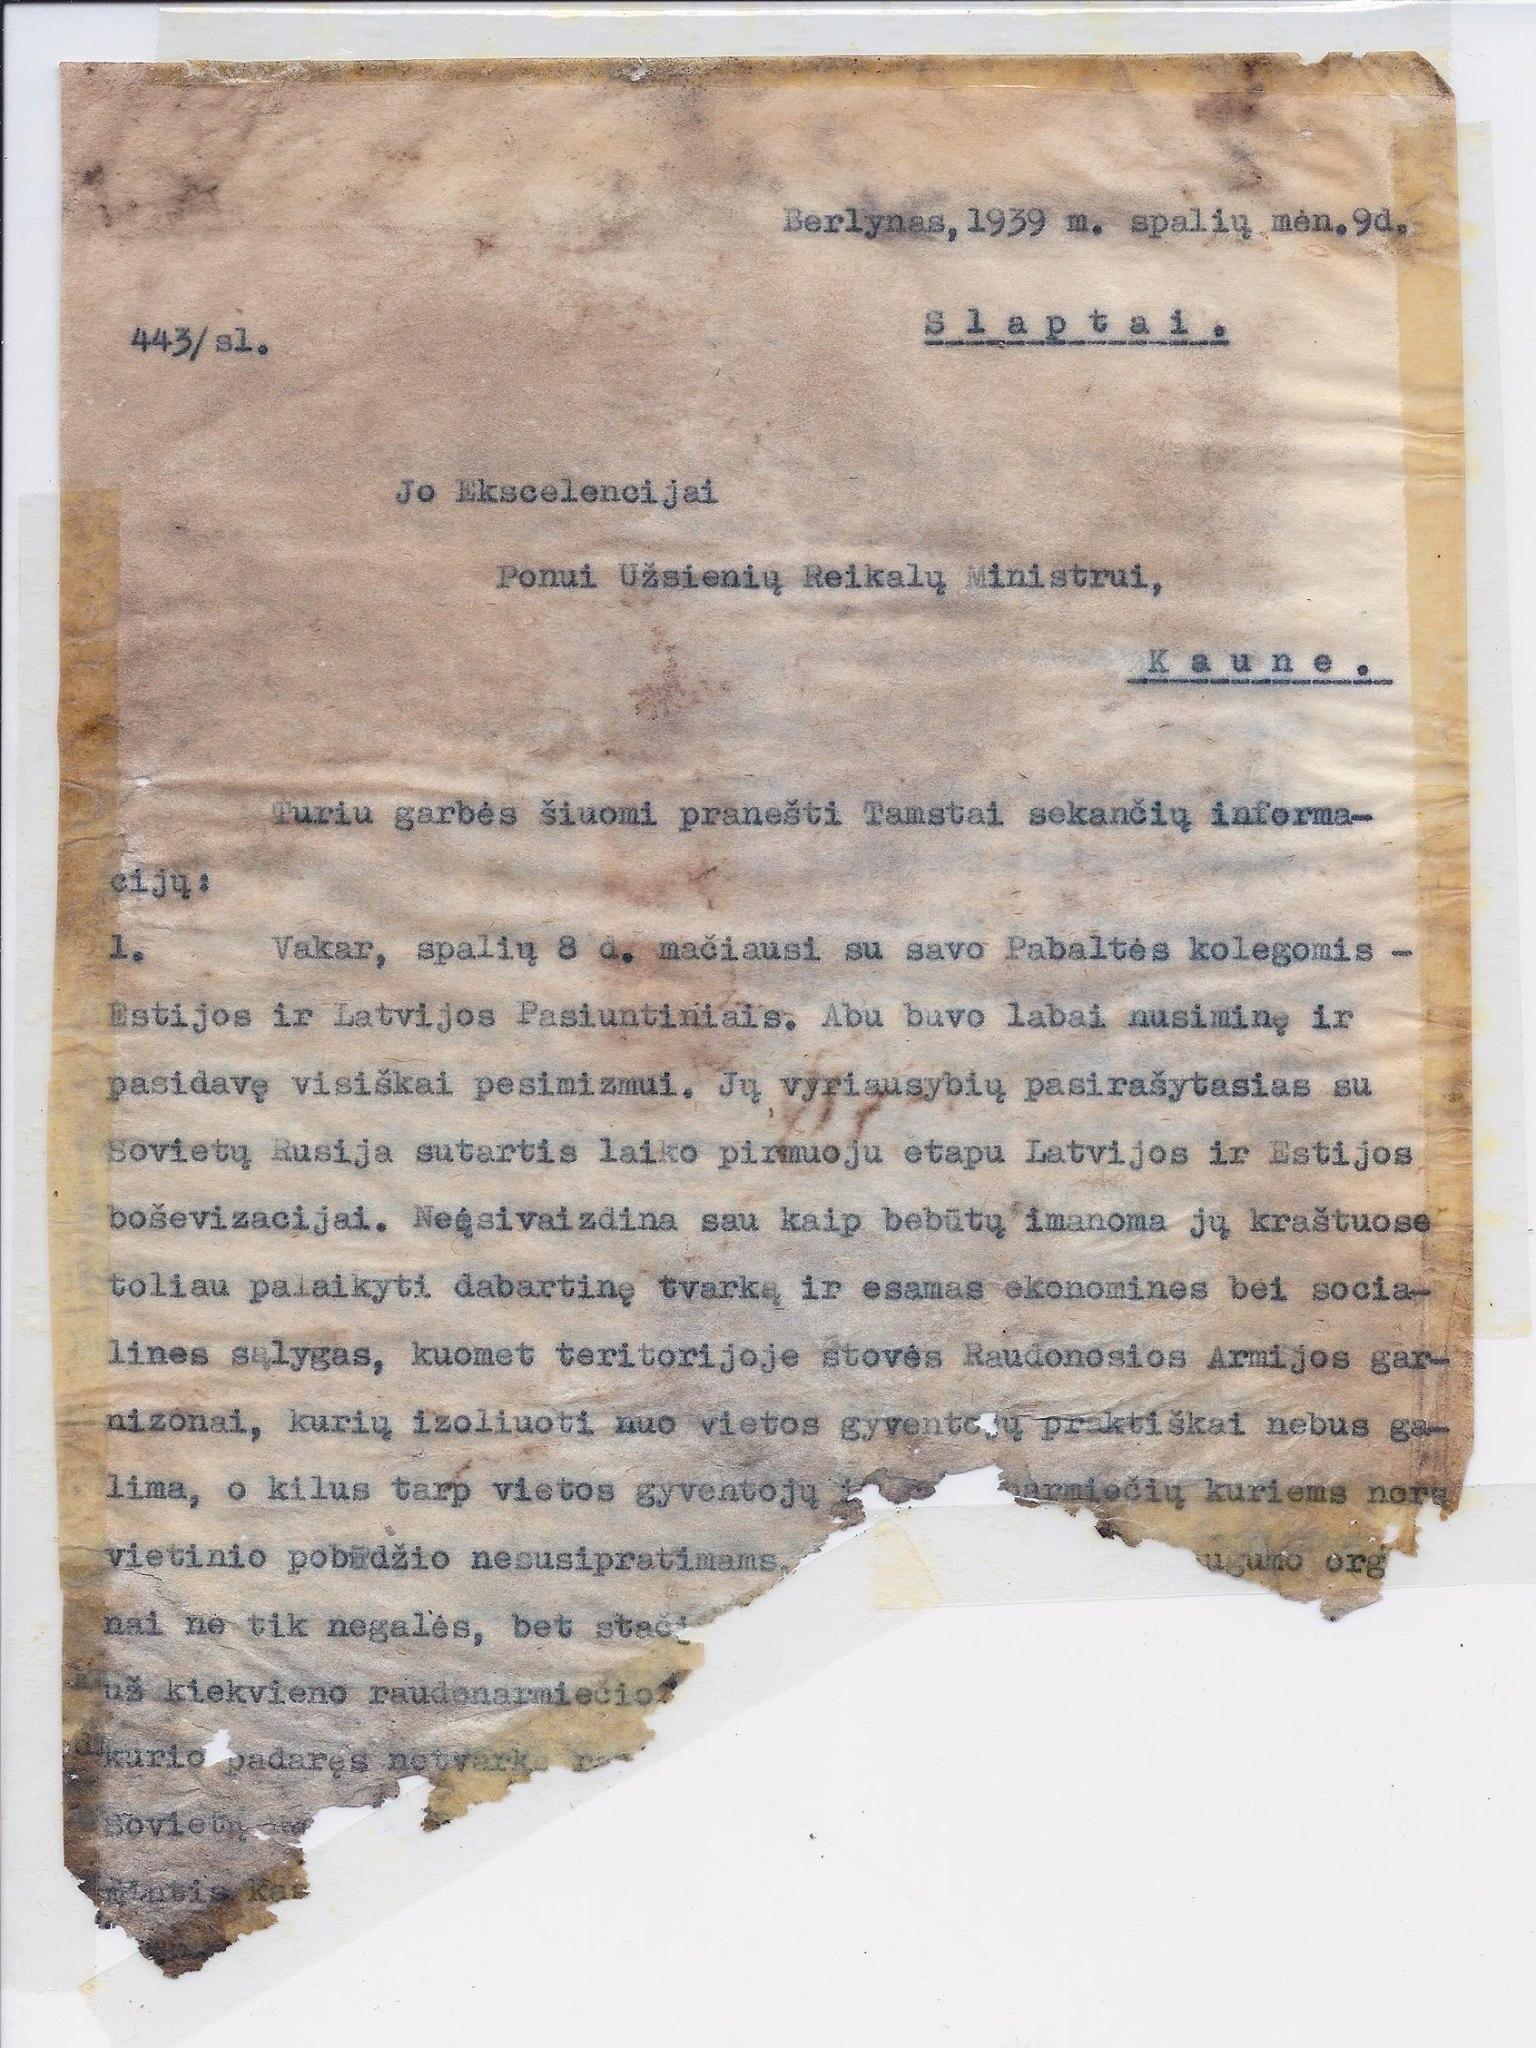 K. Škirpos laiškas iš Berlyno Lietuvos užsienio reikalų ministrui | V. Valiušaičio nuotr.